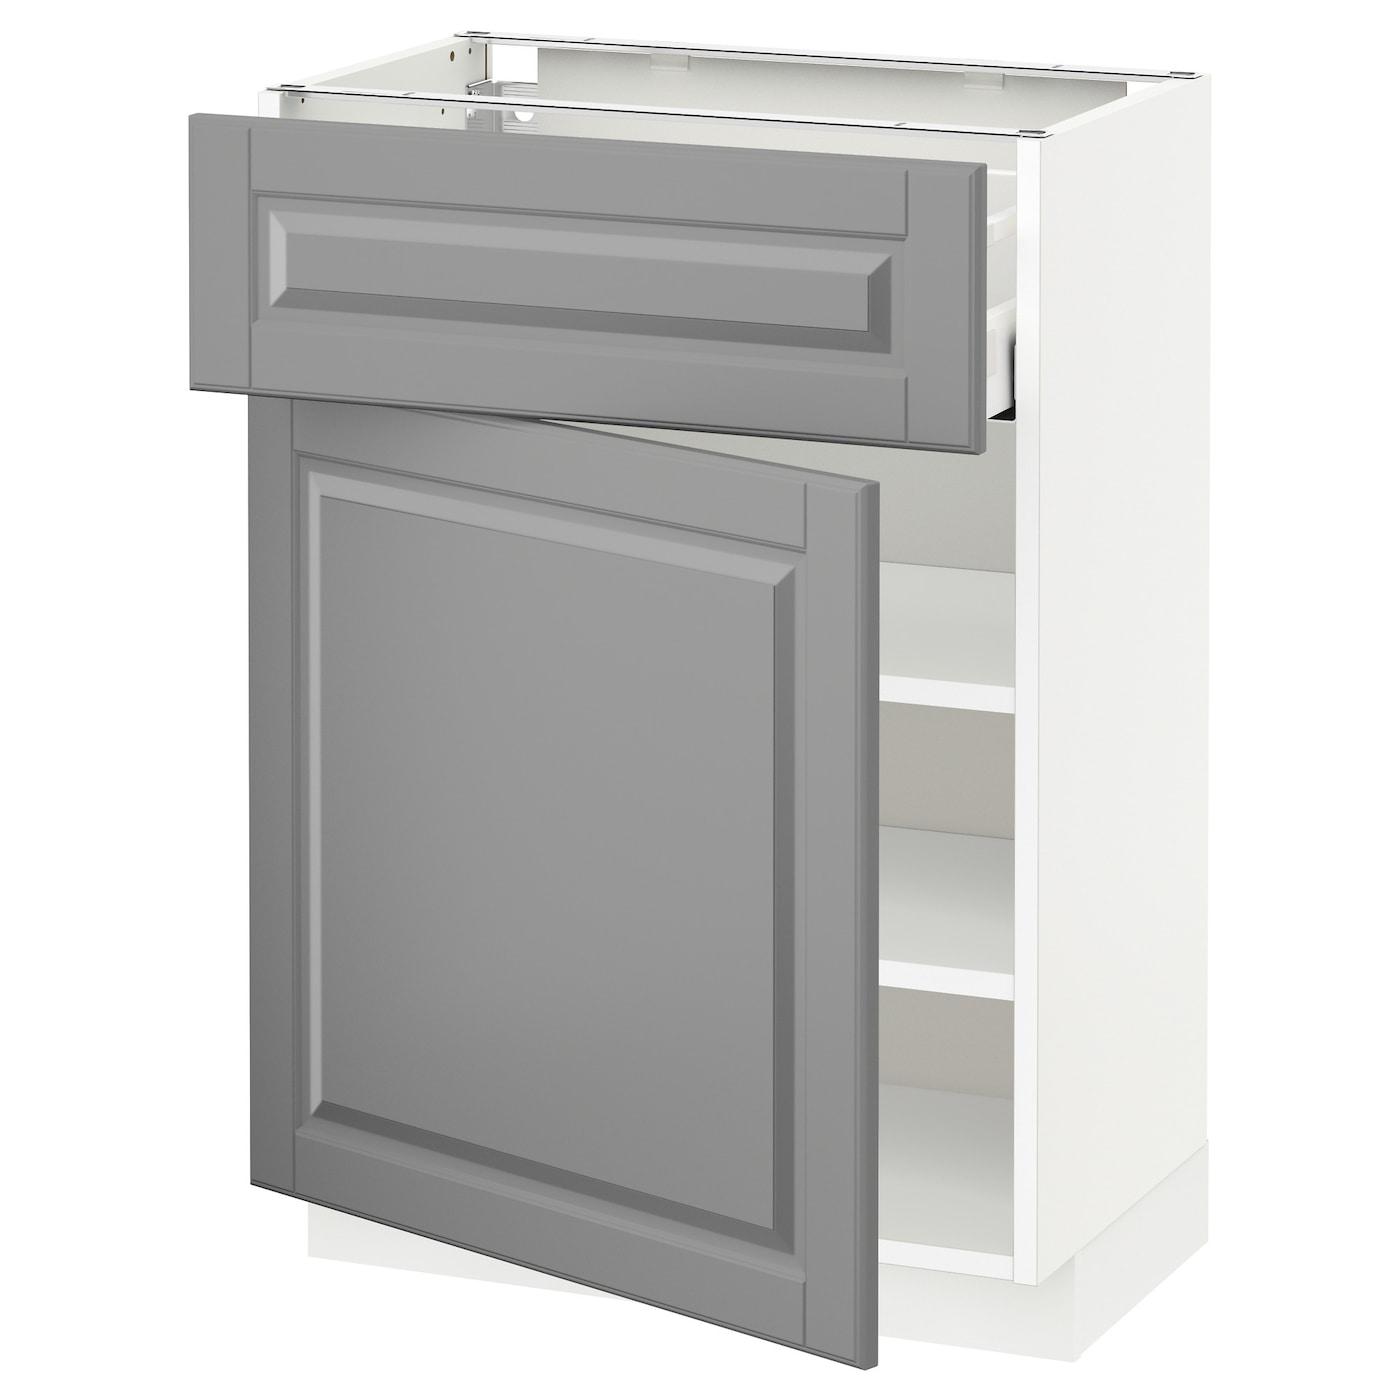 metall Küchen-Unterschränke online kaufen | Möbel-Suchmaschine ...